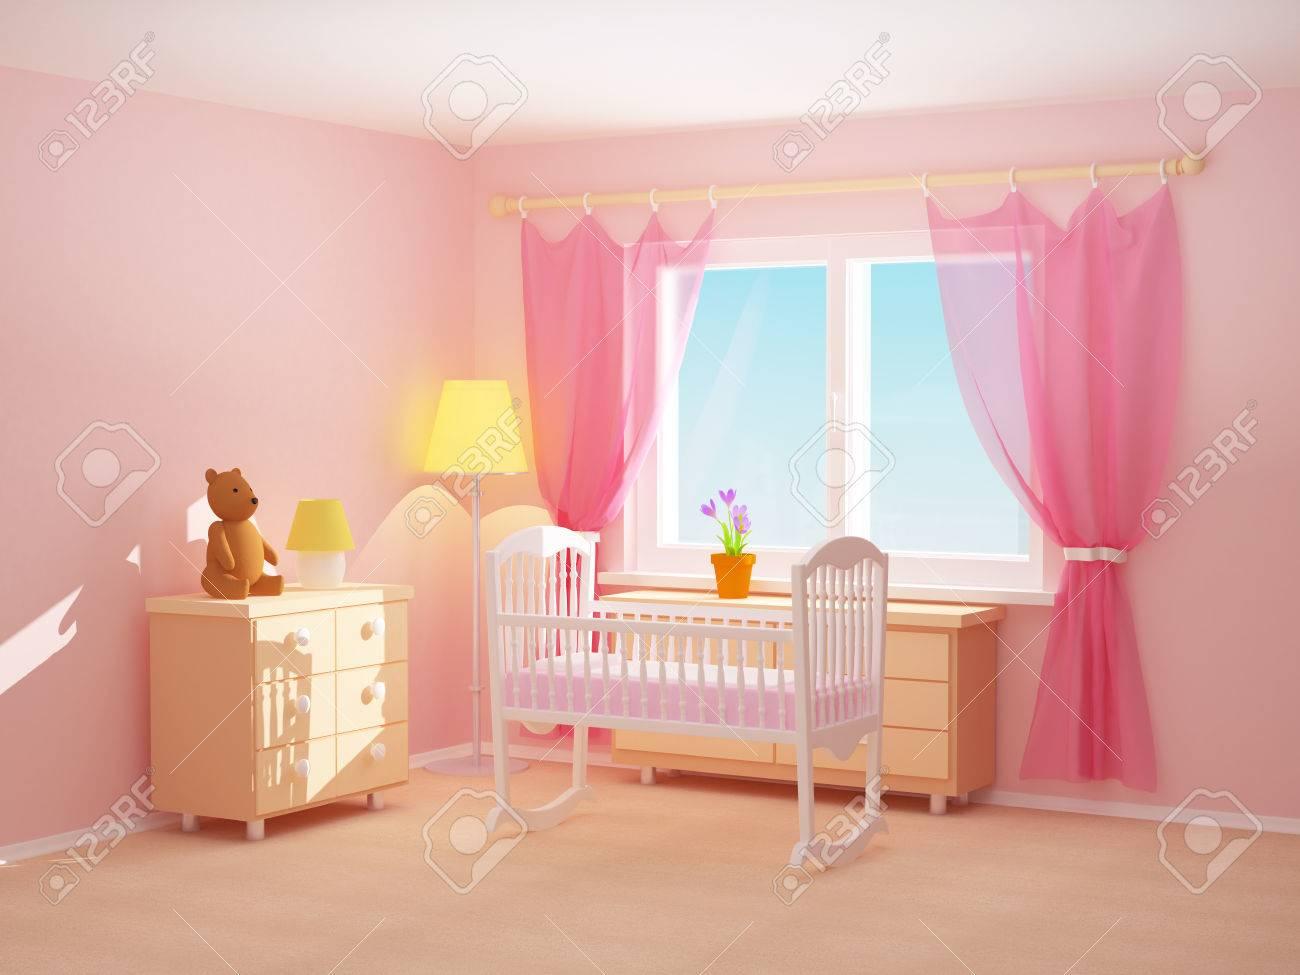 Camera da letto babys con culla comò e orso stanza vuota